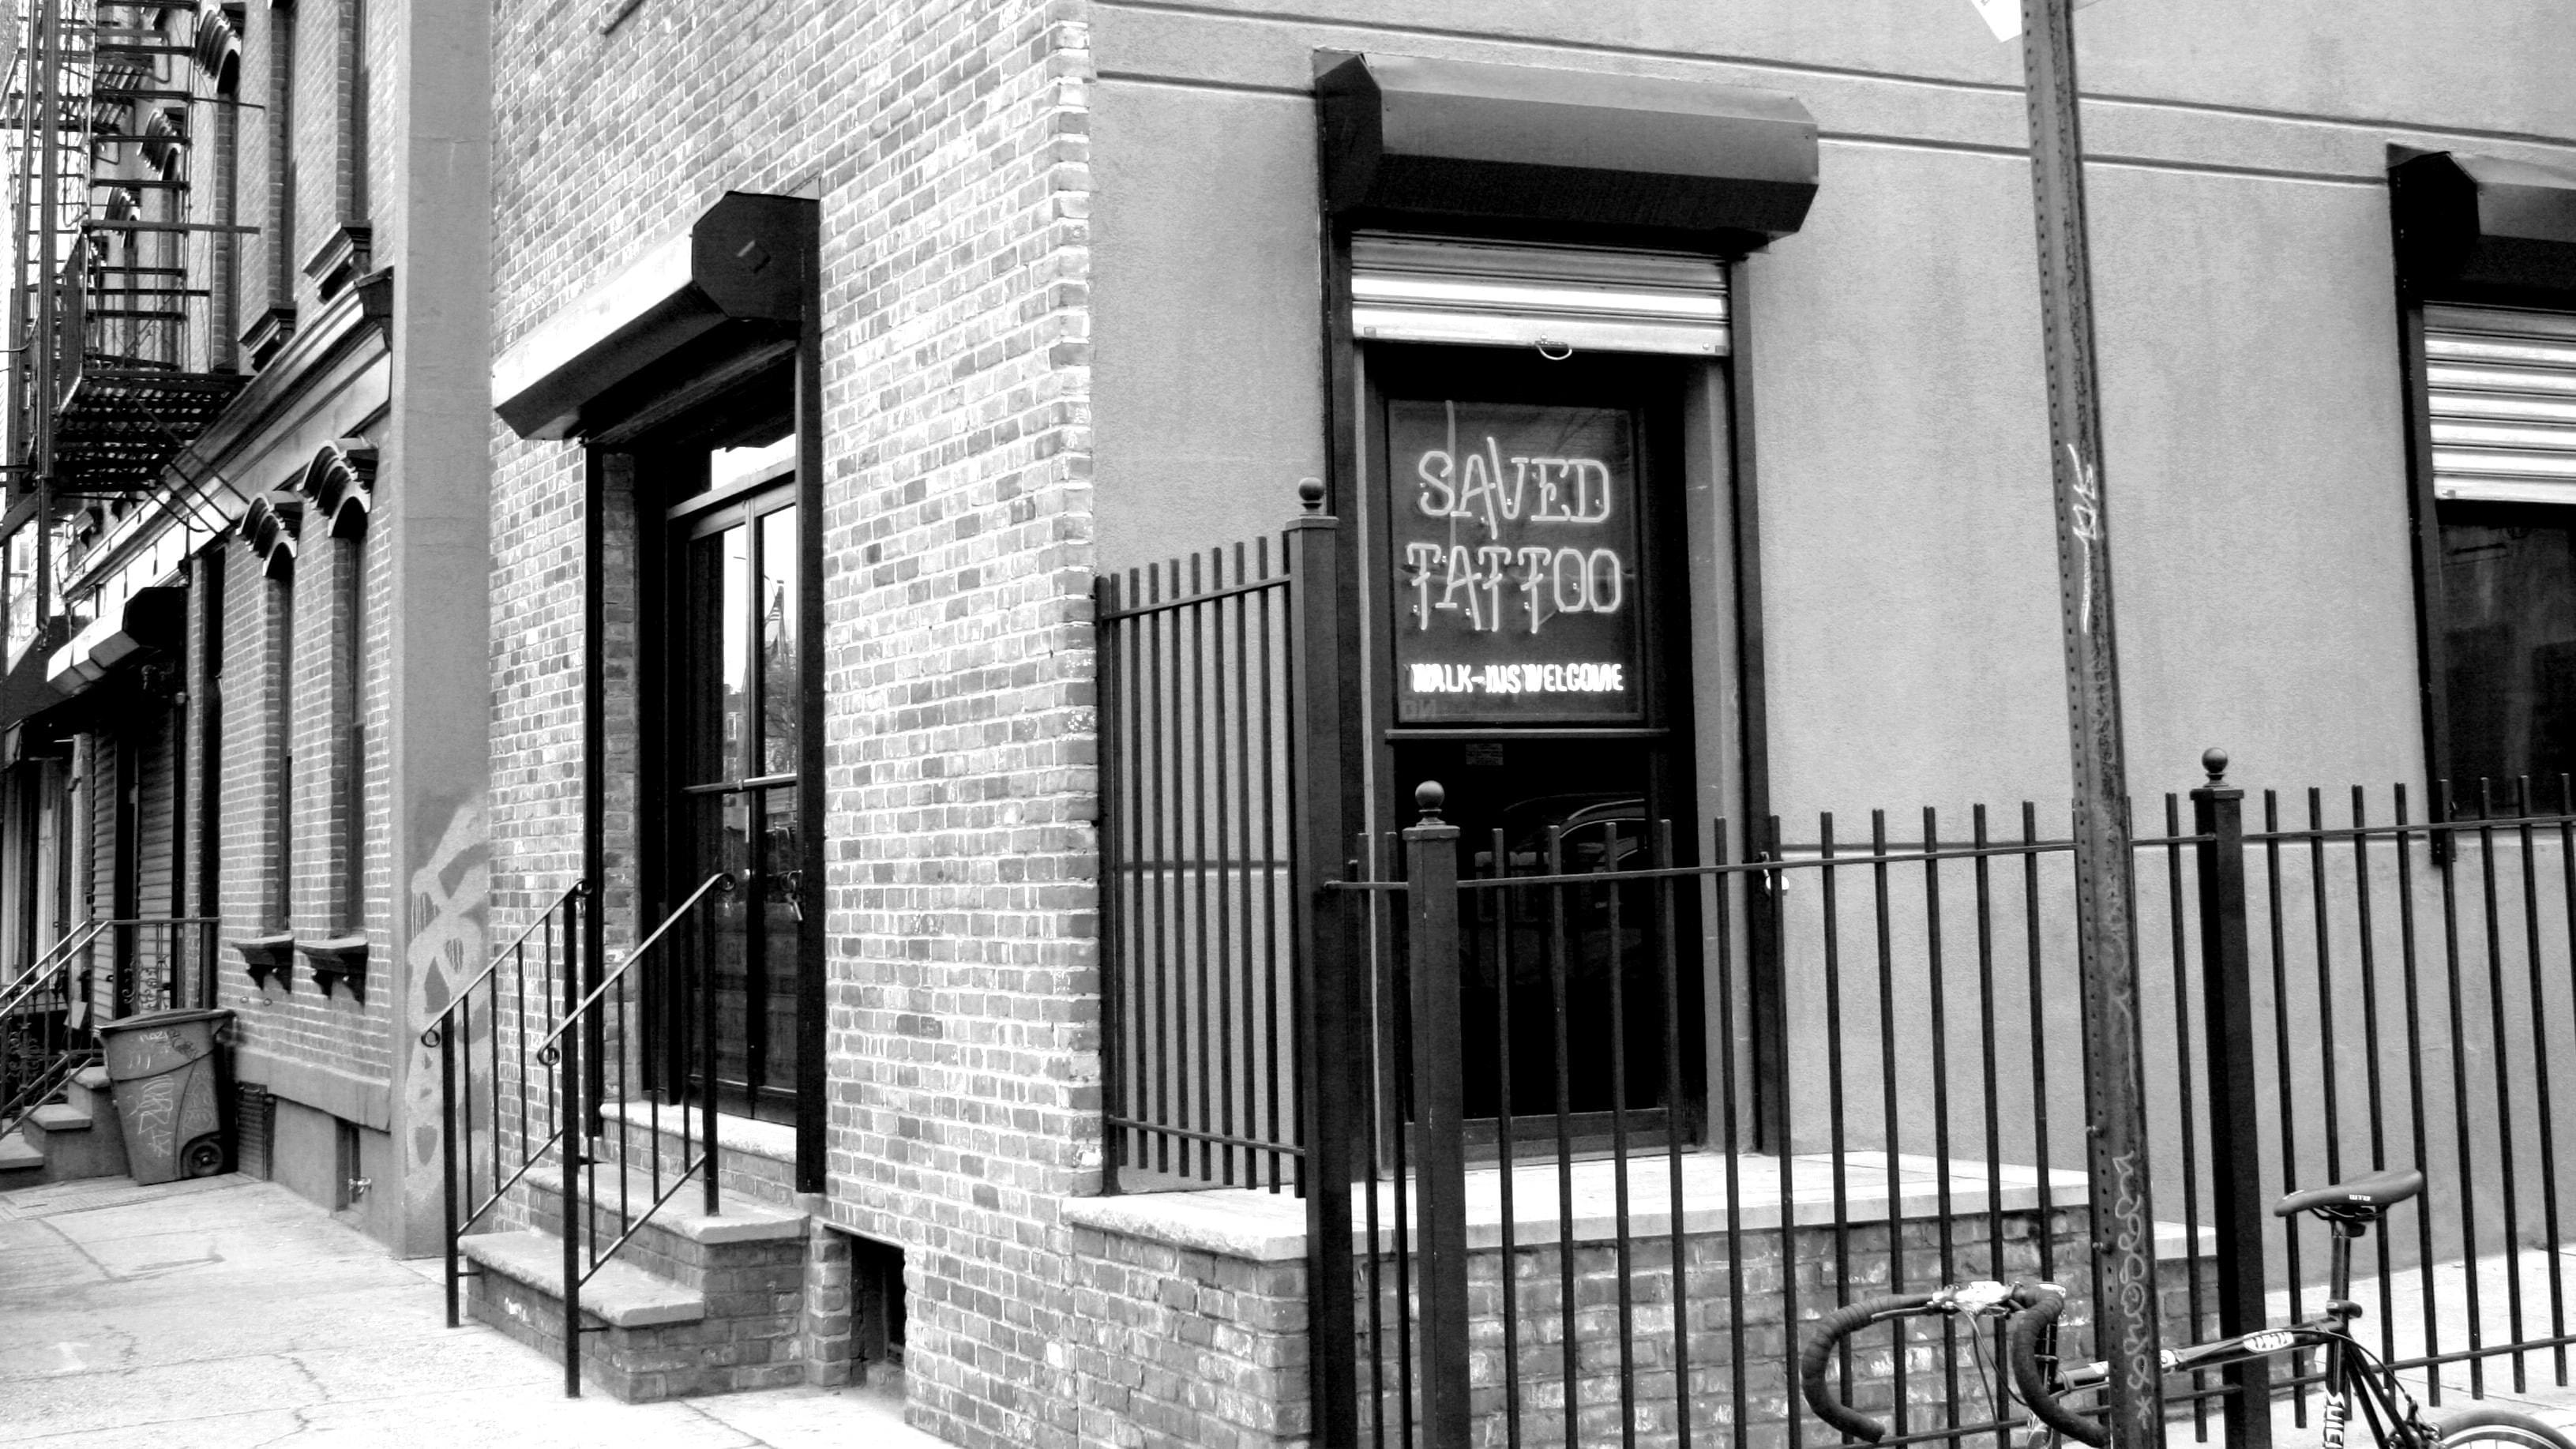 735a60822 Tattoo | Brooklyn | Saved Tattoo